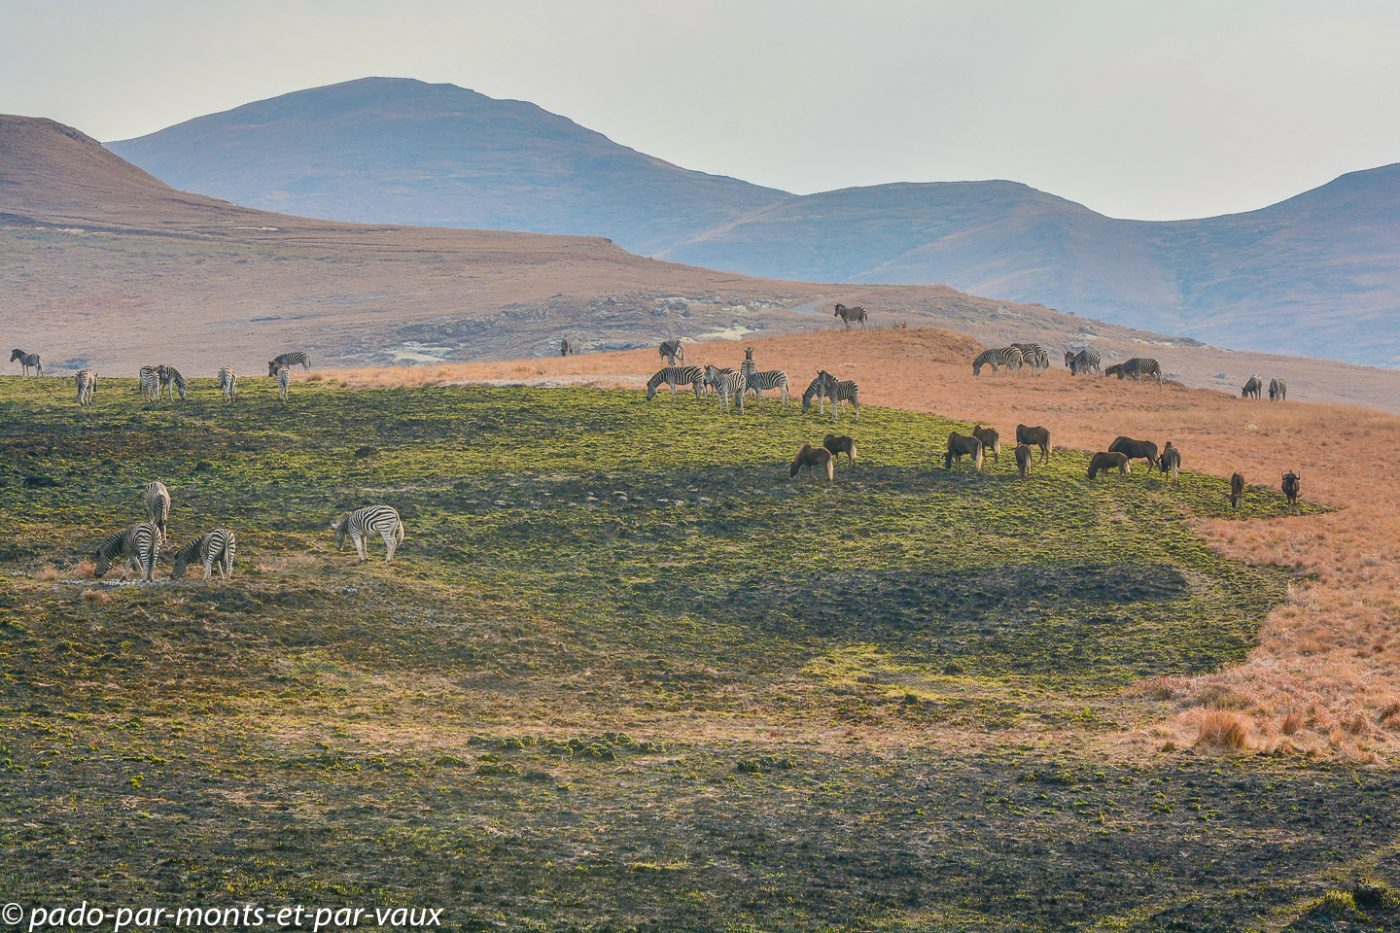 Afrique du Sud - Zèbres et gnous noirs